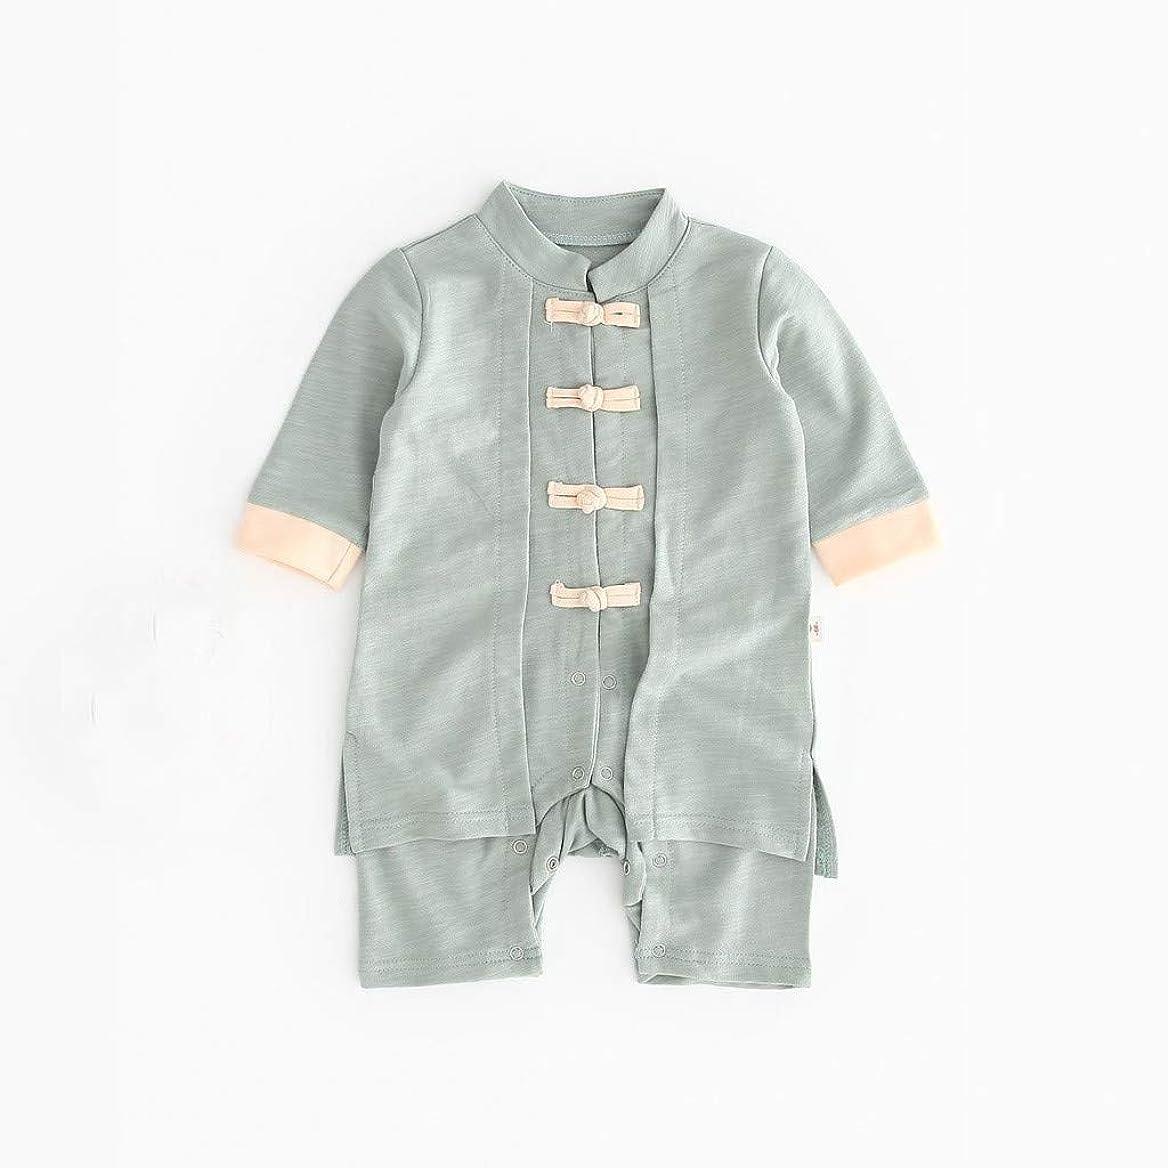 旅行売上高言い換えるとかわいいボタン漢風生まれたばかりの赤ちゃん男の子女の子ボタン固体ロンパースジャンプスーツ着物服パジャマ女の子男の子レターストライプ長袖コットンロンパースジャンプスーツ